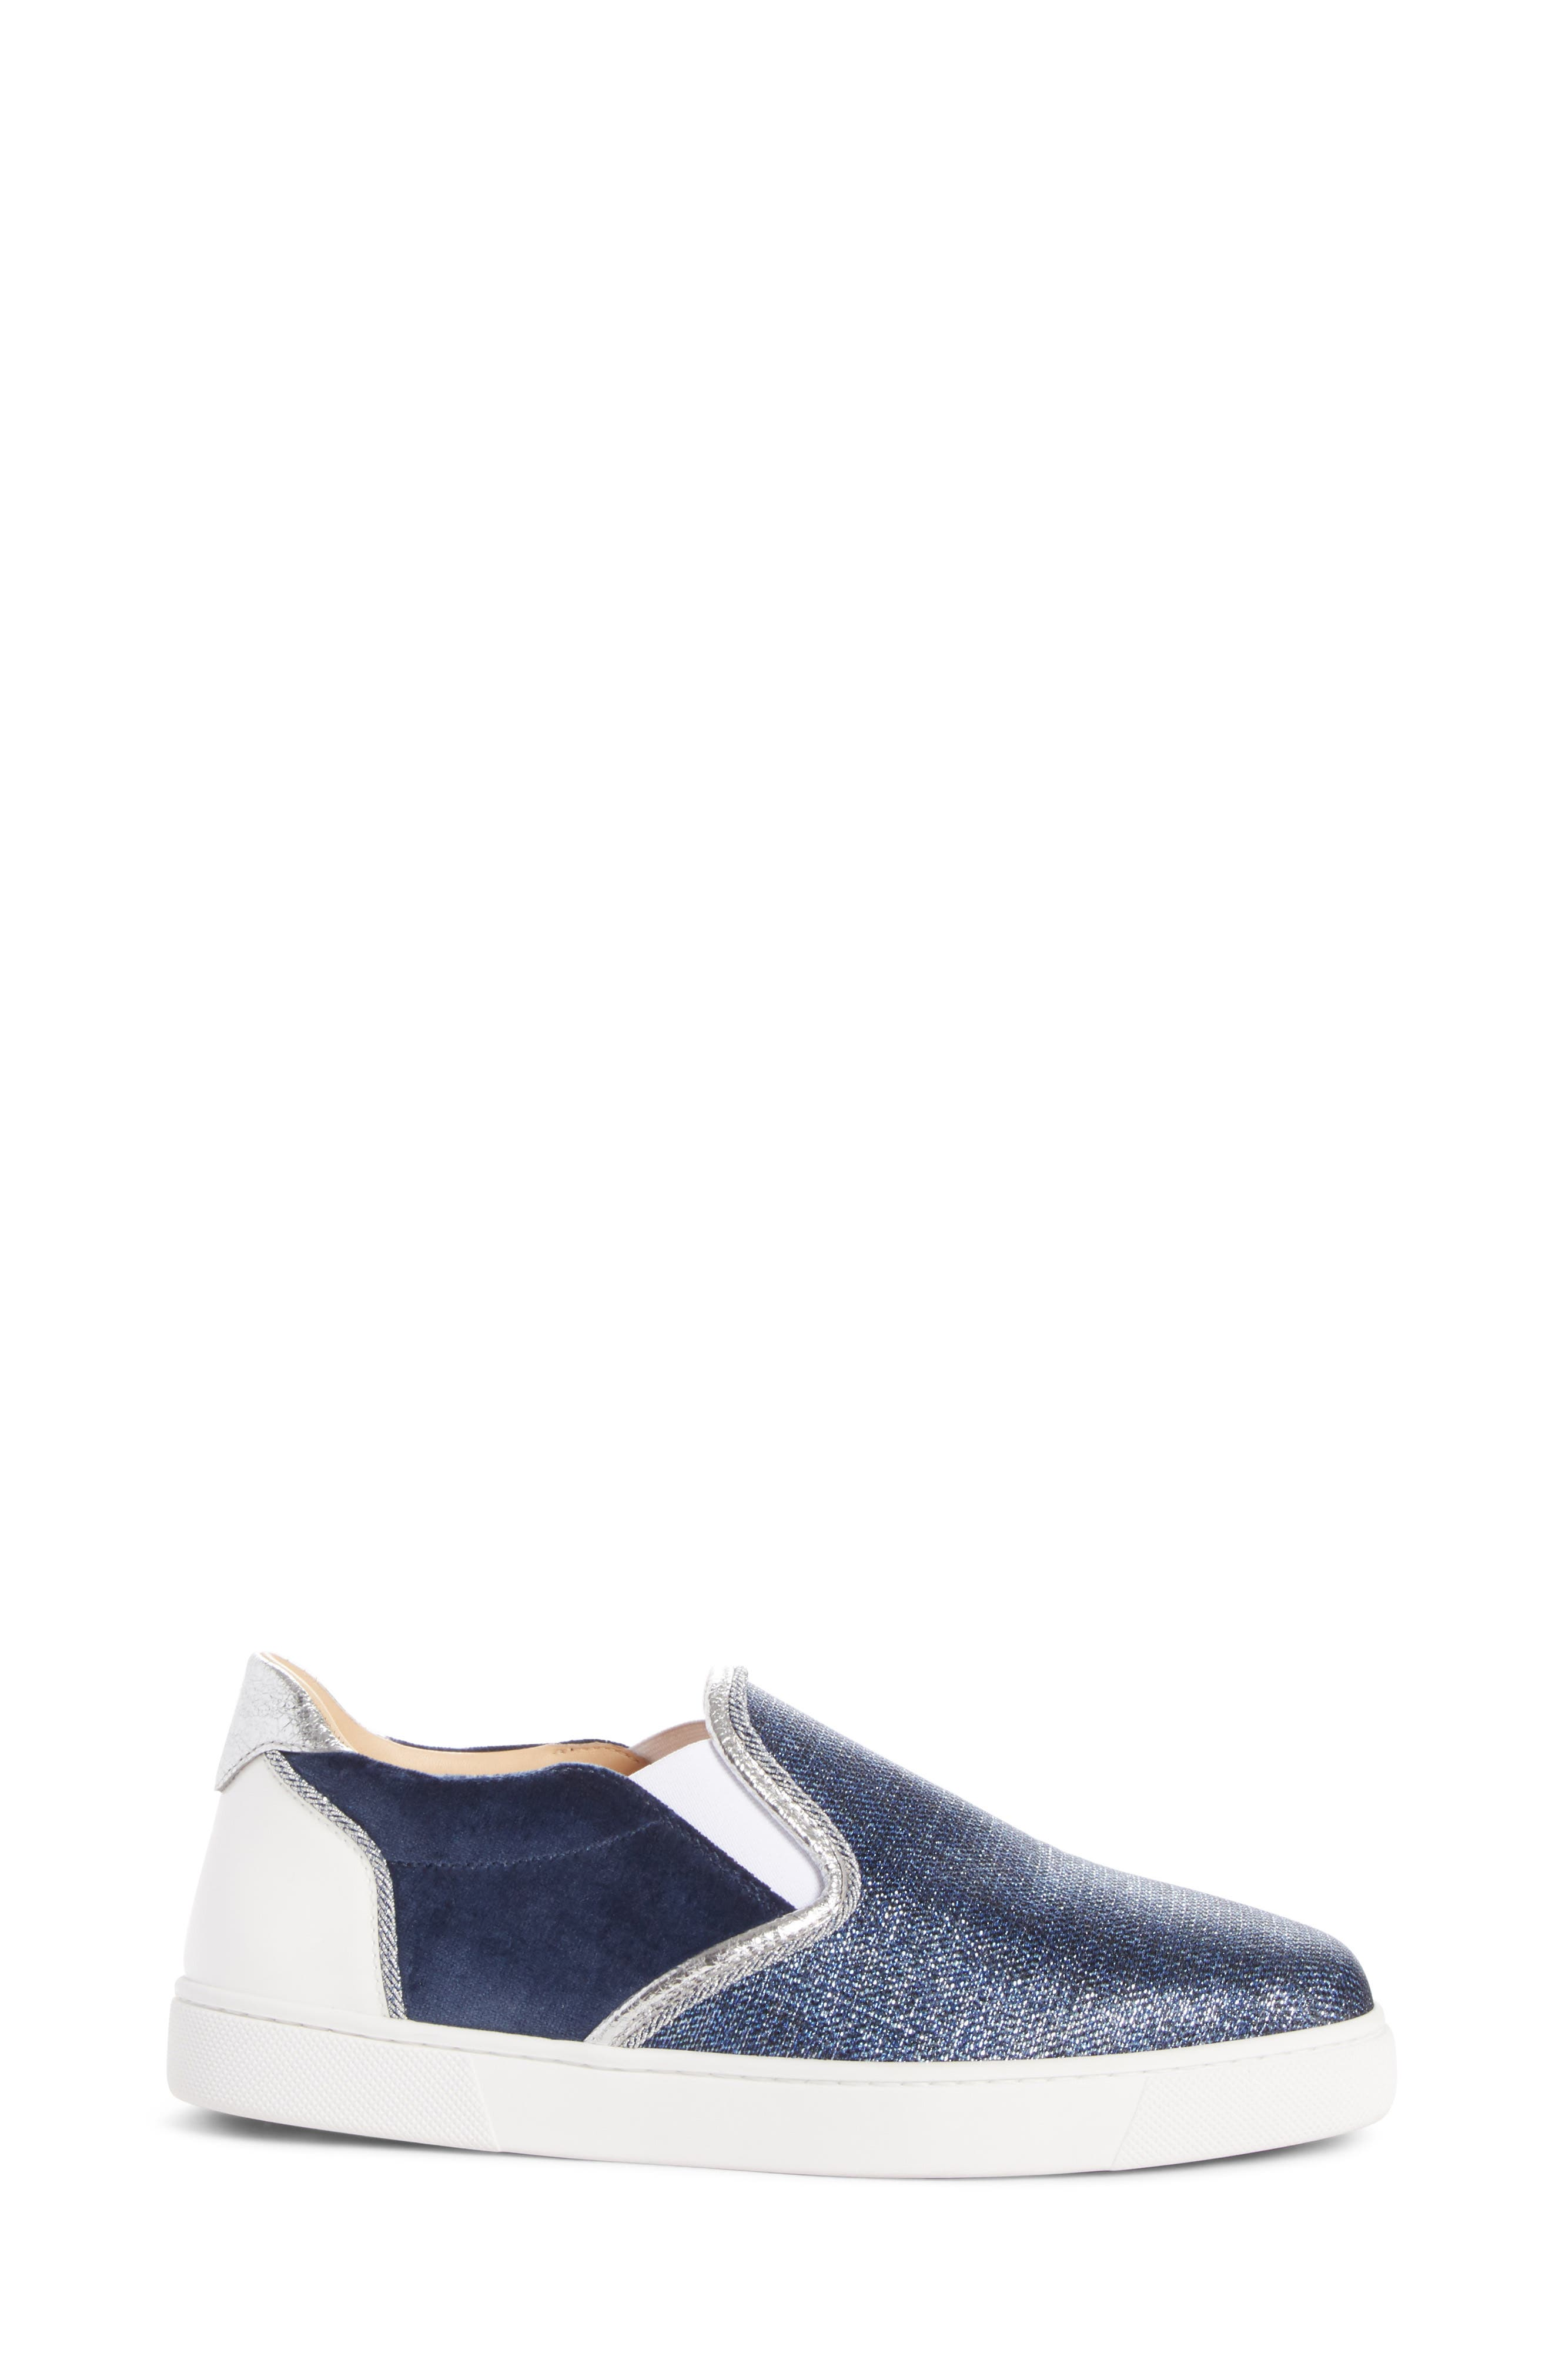 Masteralta Slip-On Sneaker,                             Alternate thumbnail 3, color,                             400